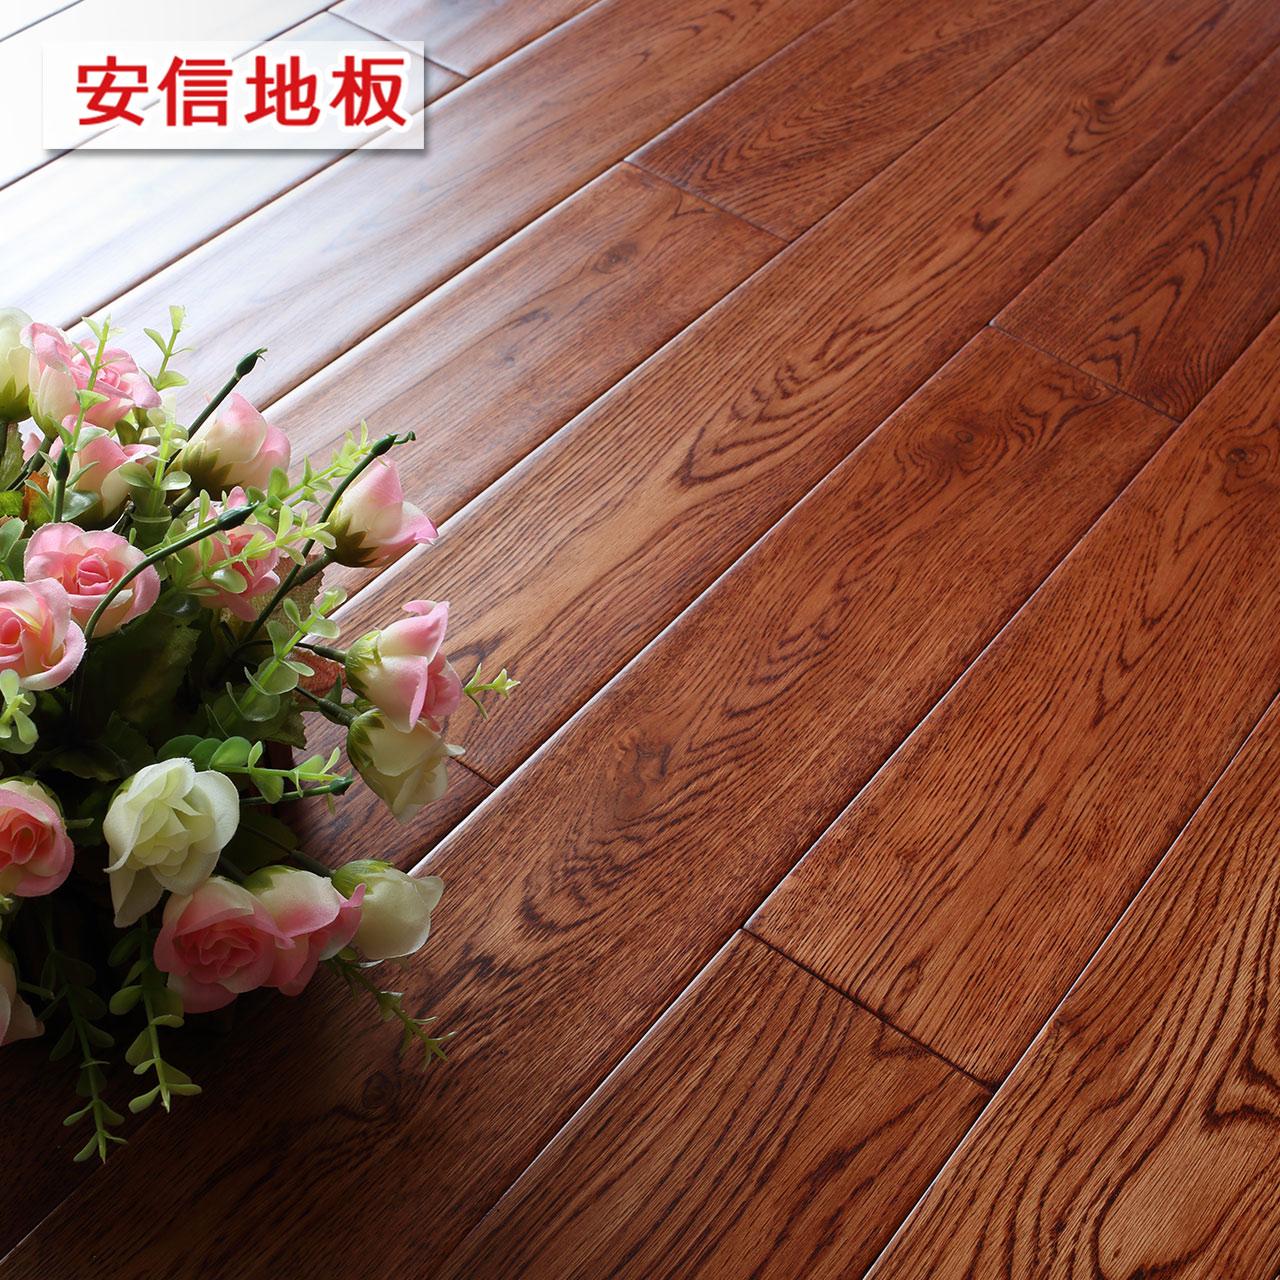 Сейф письмо дуб все деревянные этаж европа и америка античный стиль продаётся напрямую с завода